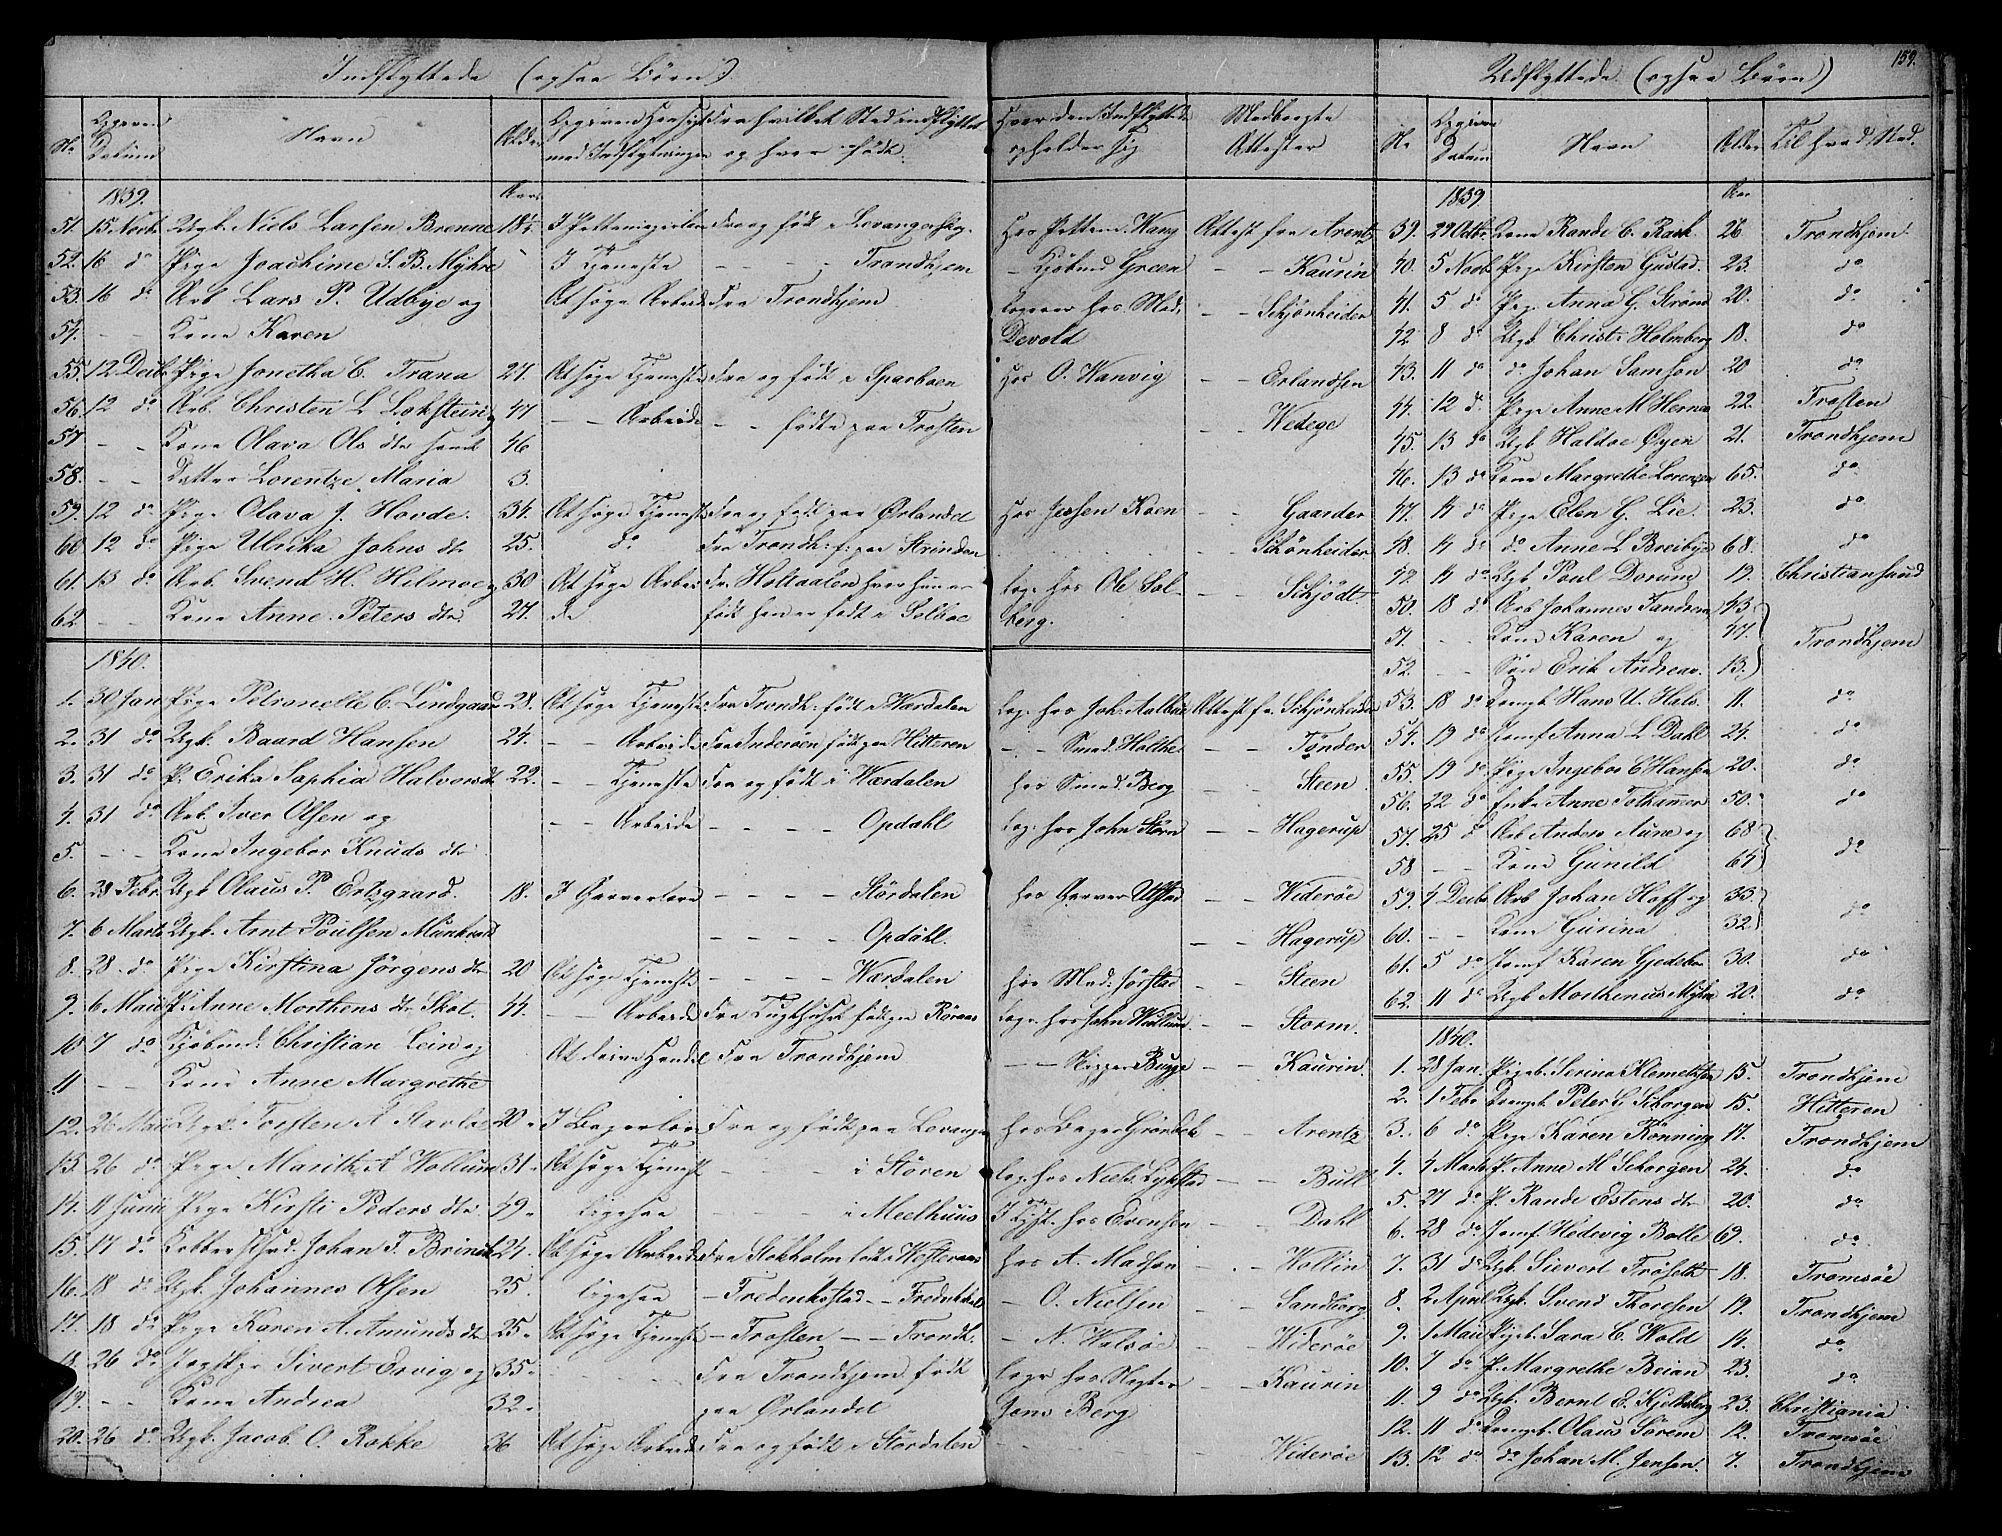 SAT, Ministerialprotokoller, klokkerbøker og fødselsregistre - Sør-Trøndelag, 604/L0182: Ministerialbok nr. 604A03, 1818-1850, s. 159